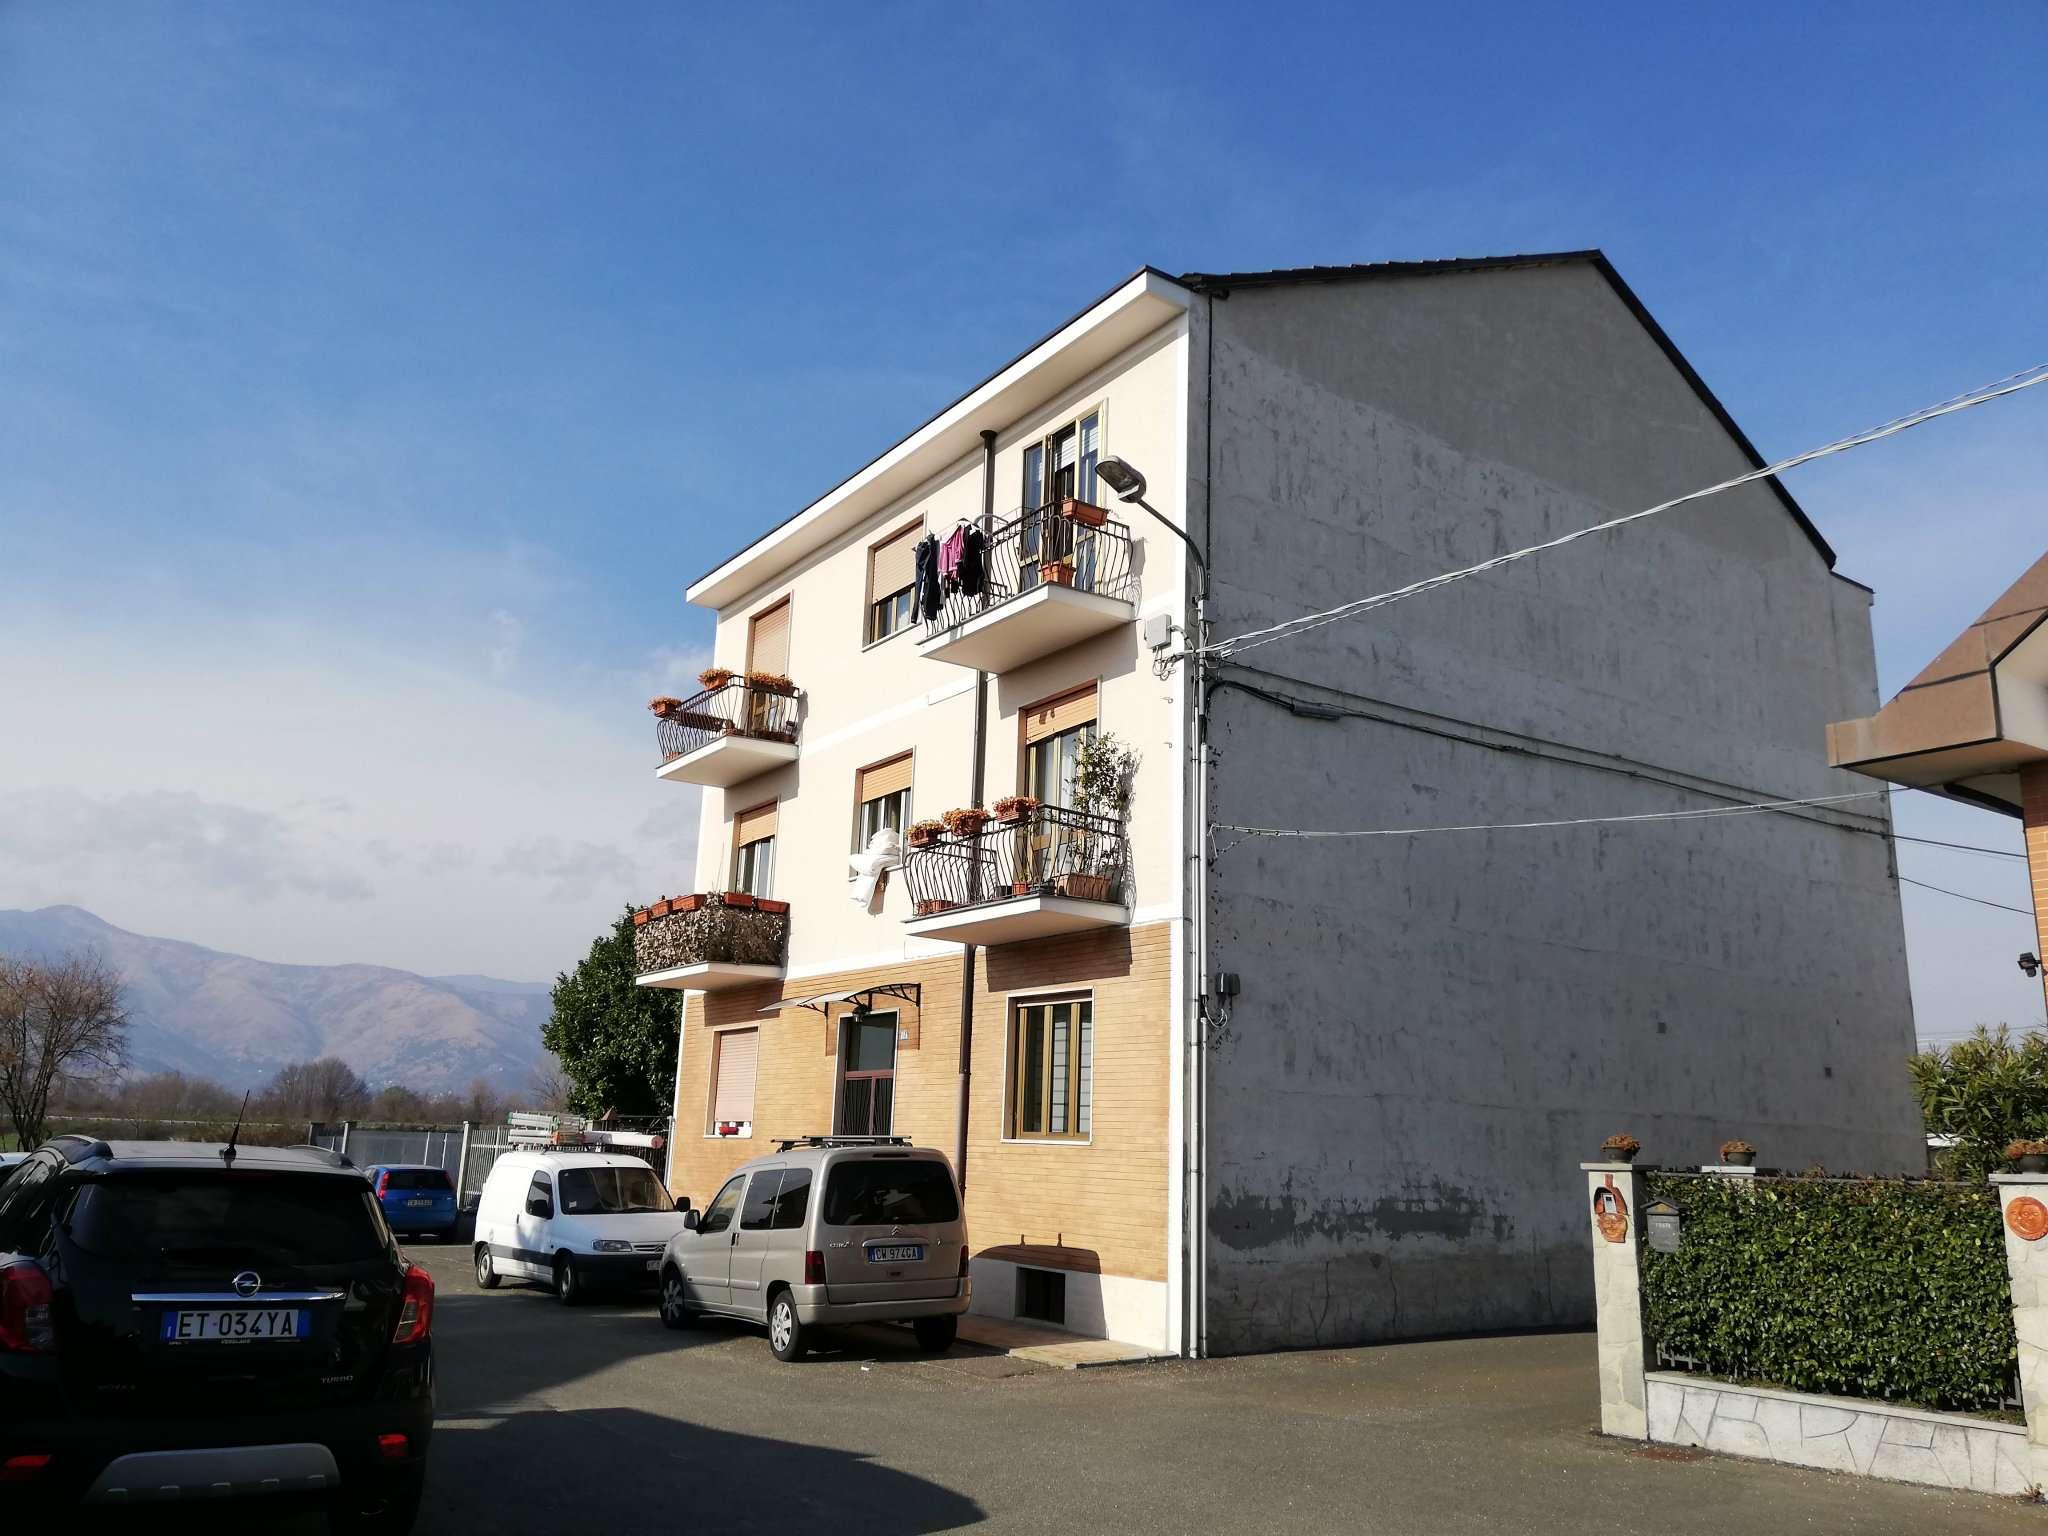 Appartamento in vendita a Pianezza, 2 locali, prezzo € 69.000 | PortaleAgenzieImmobiliari.it